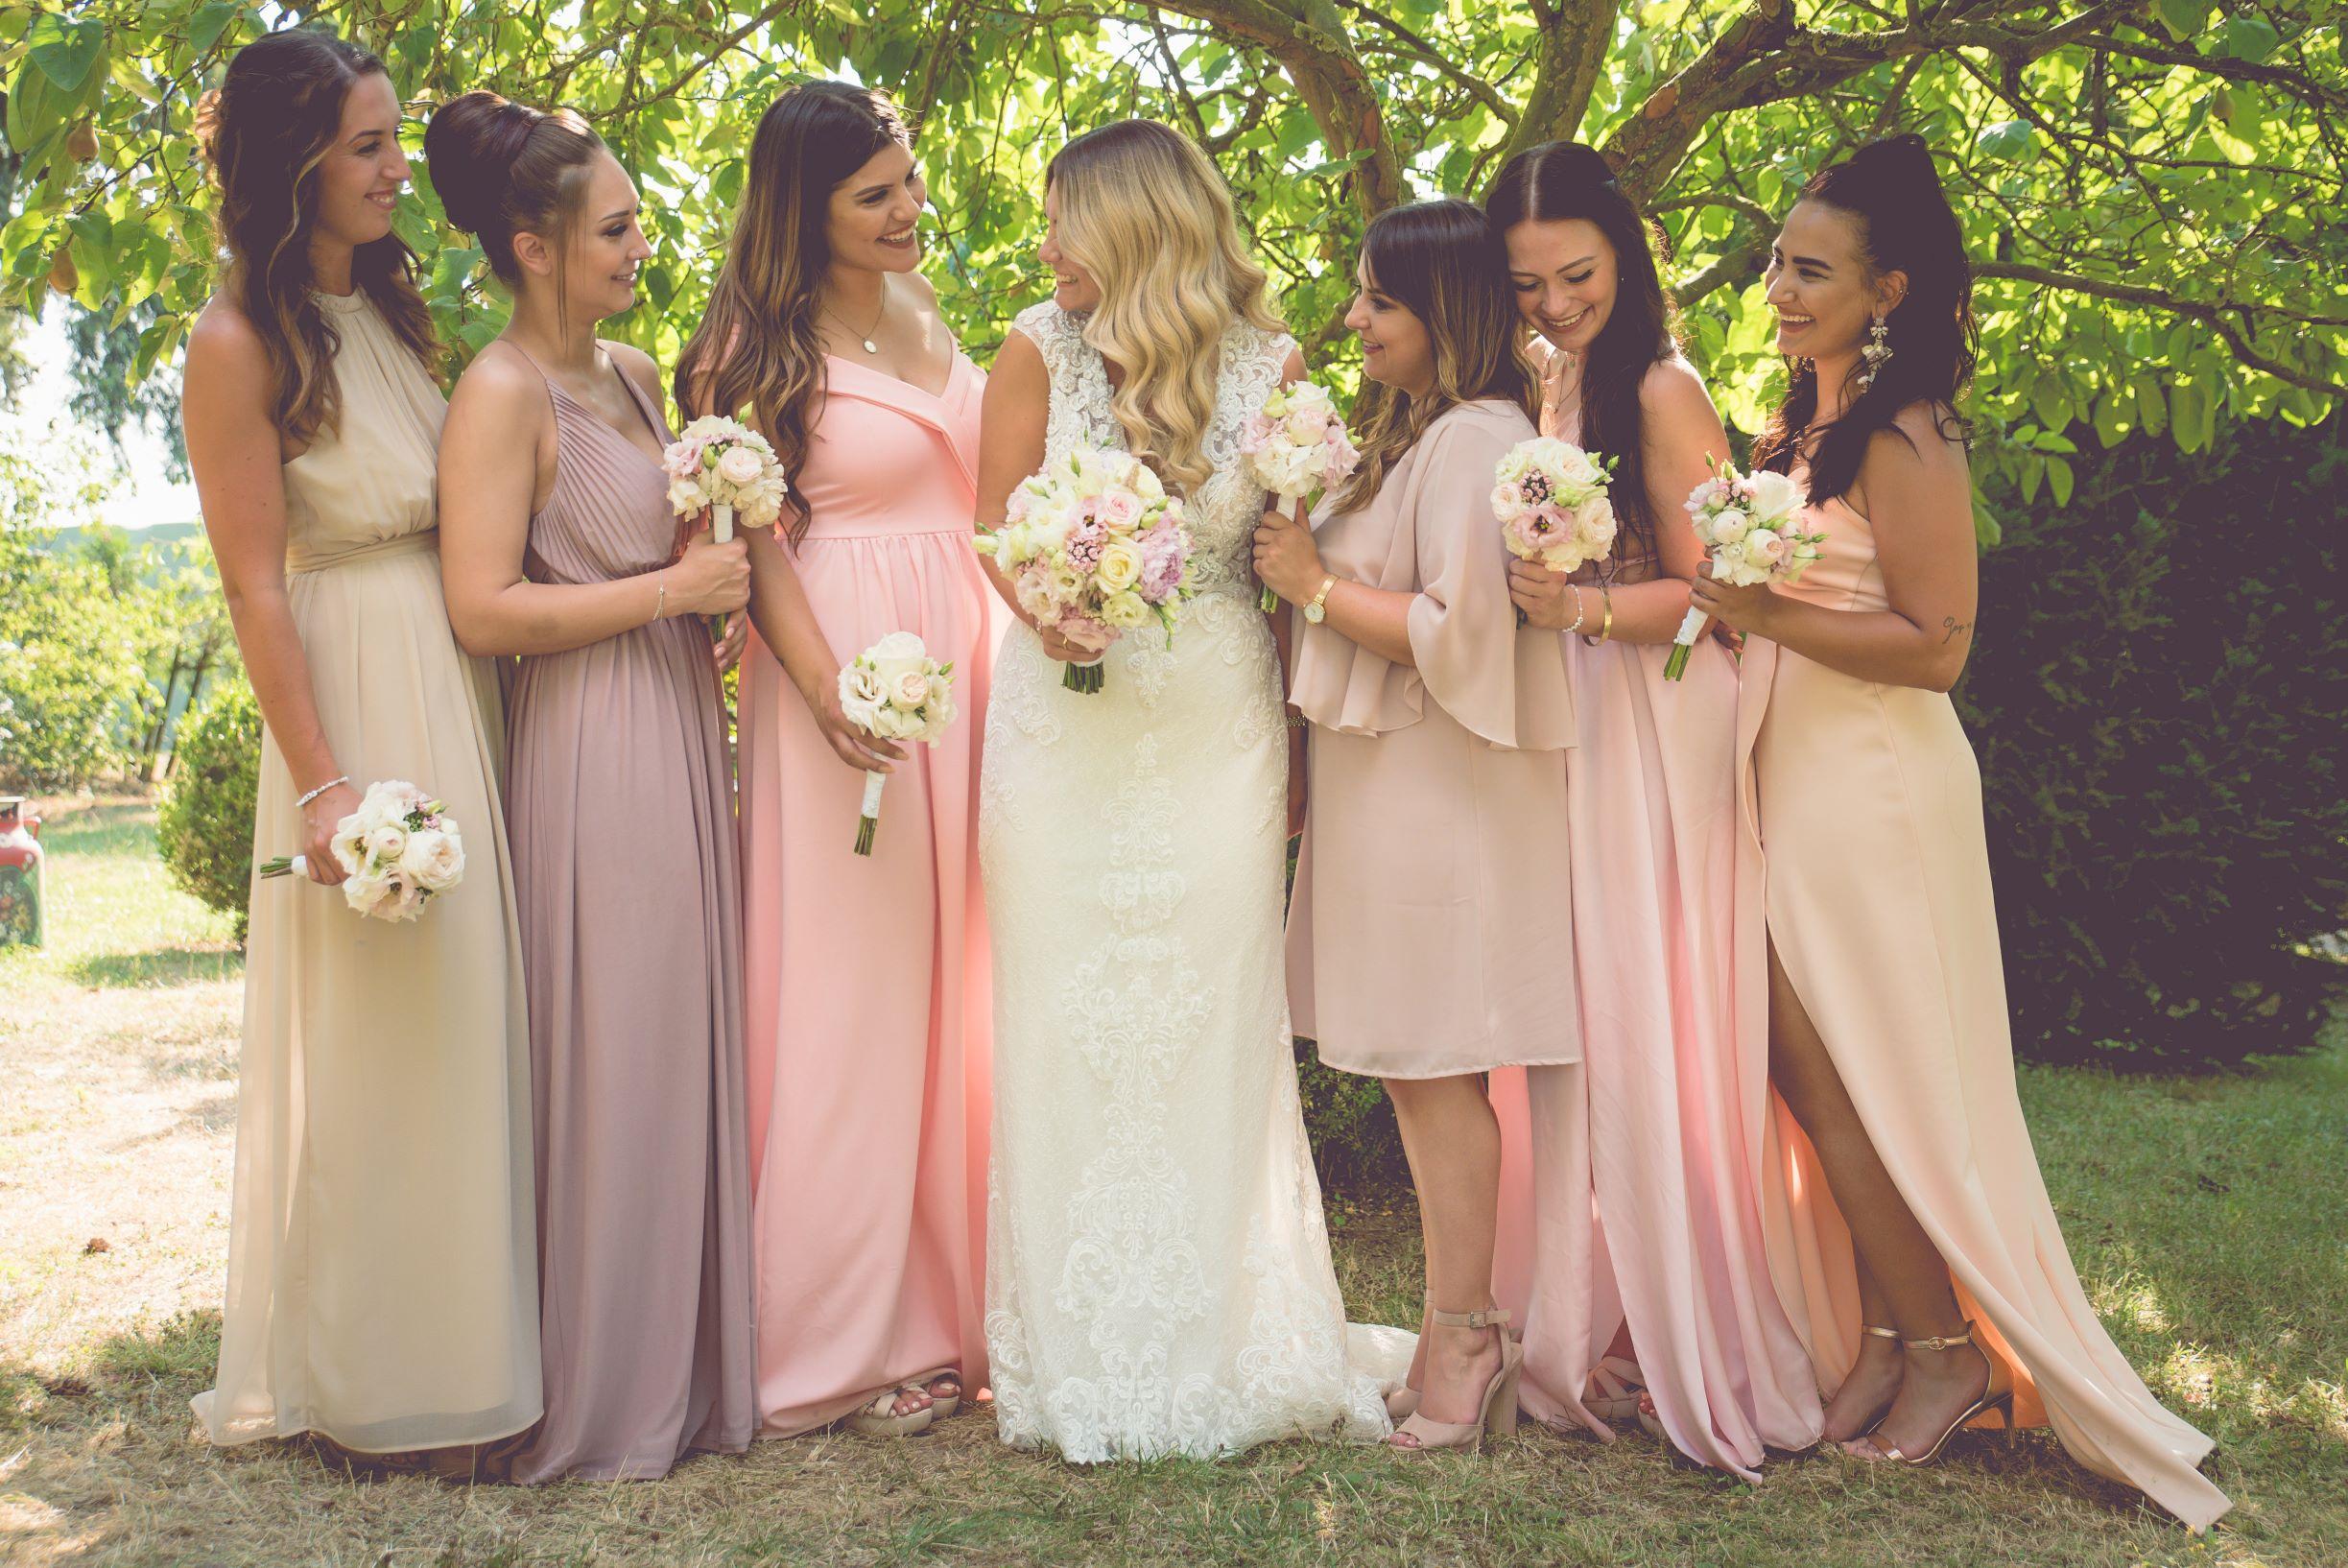 Bridemaids Hochzeitfotografie wedding traumhochzeit